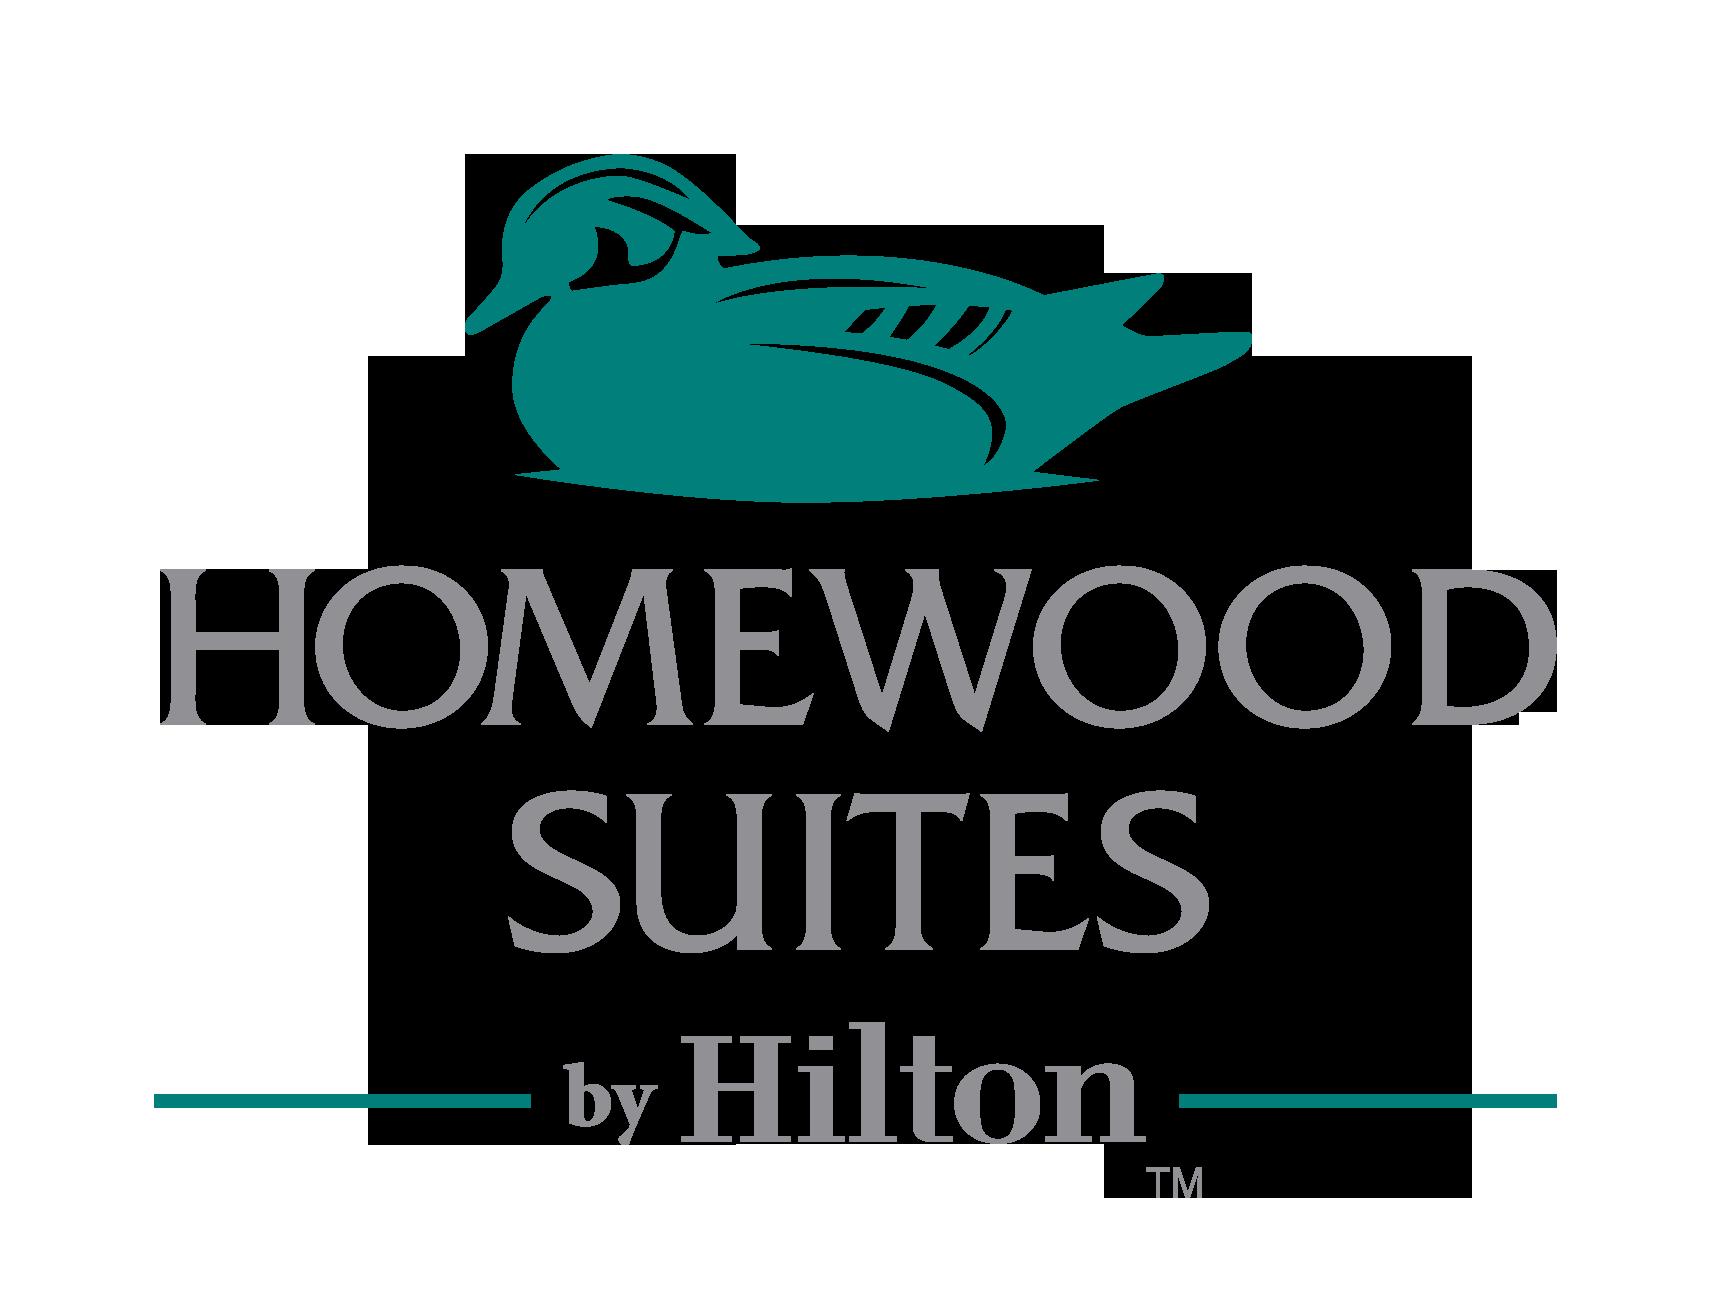 homewood suites.png